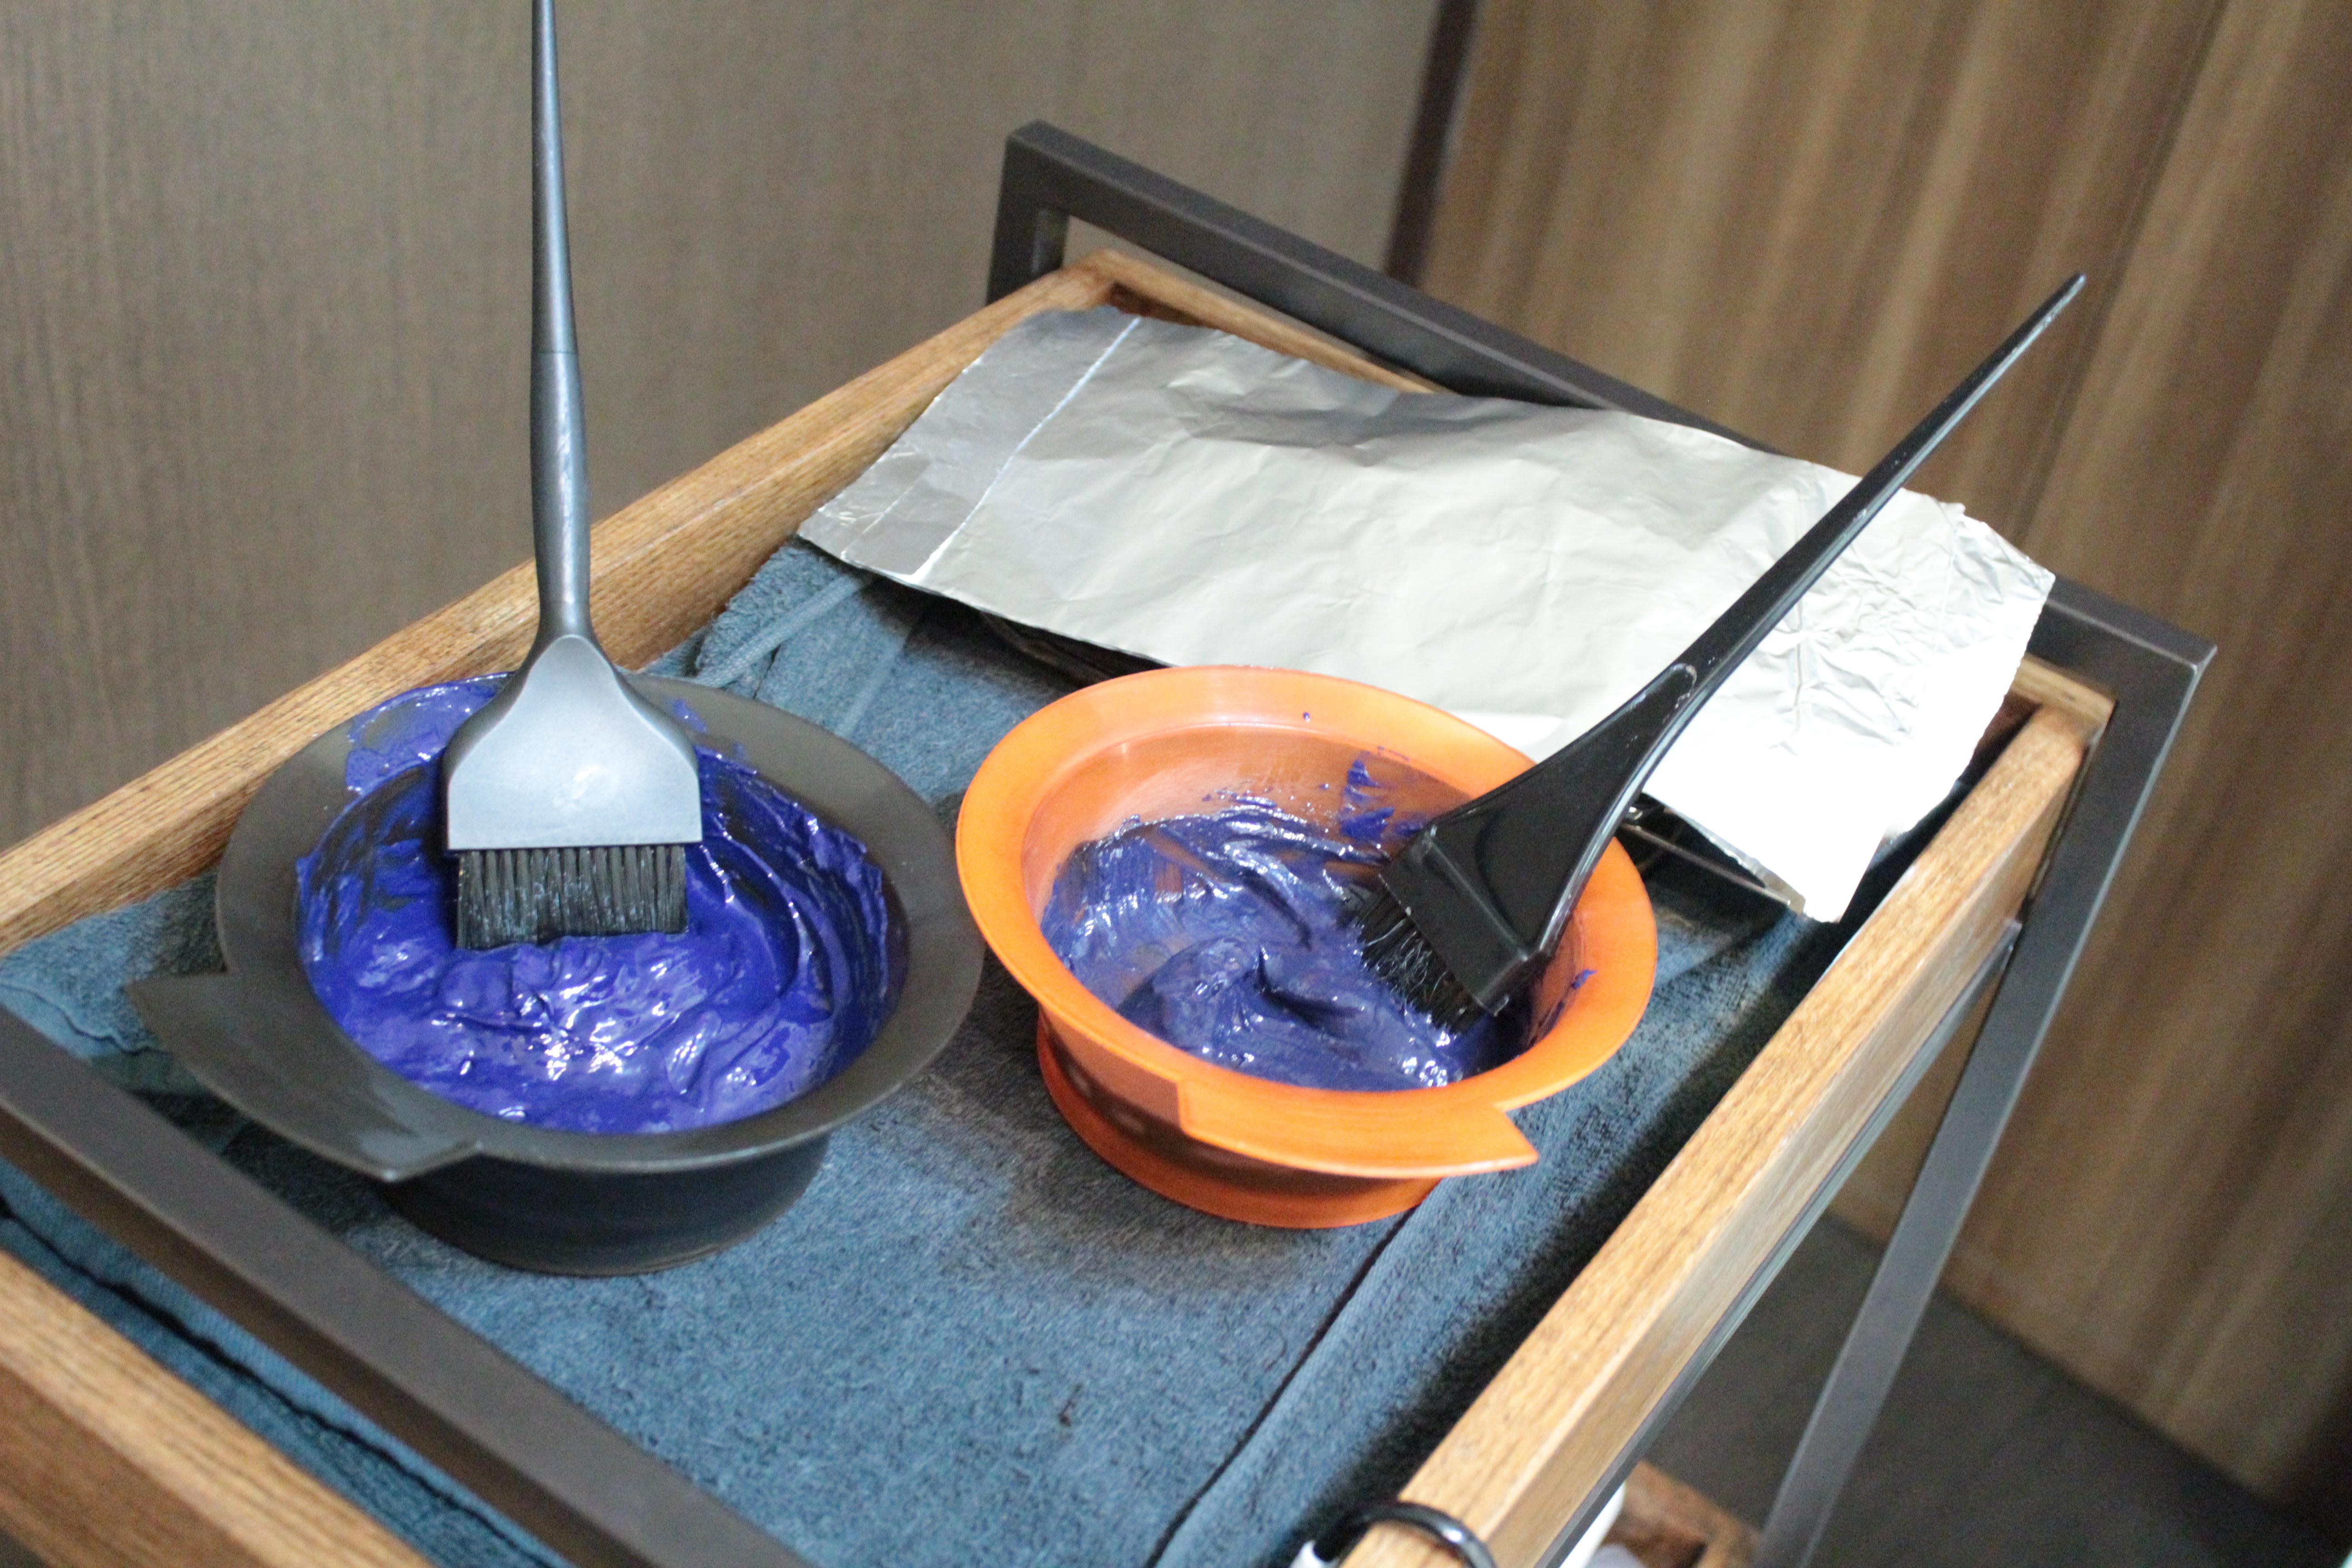 浜松街中隠れ家サロン 美髪専門店al francでございます。